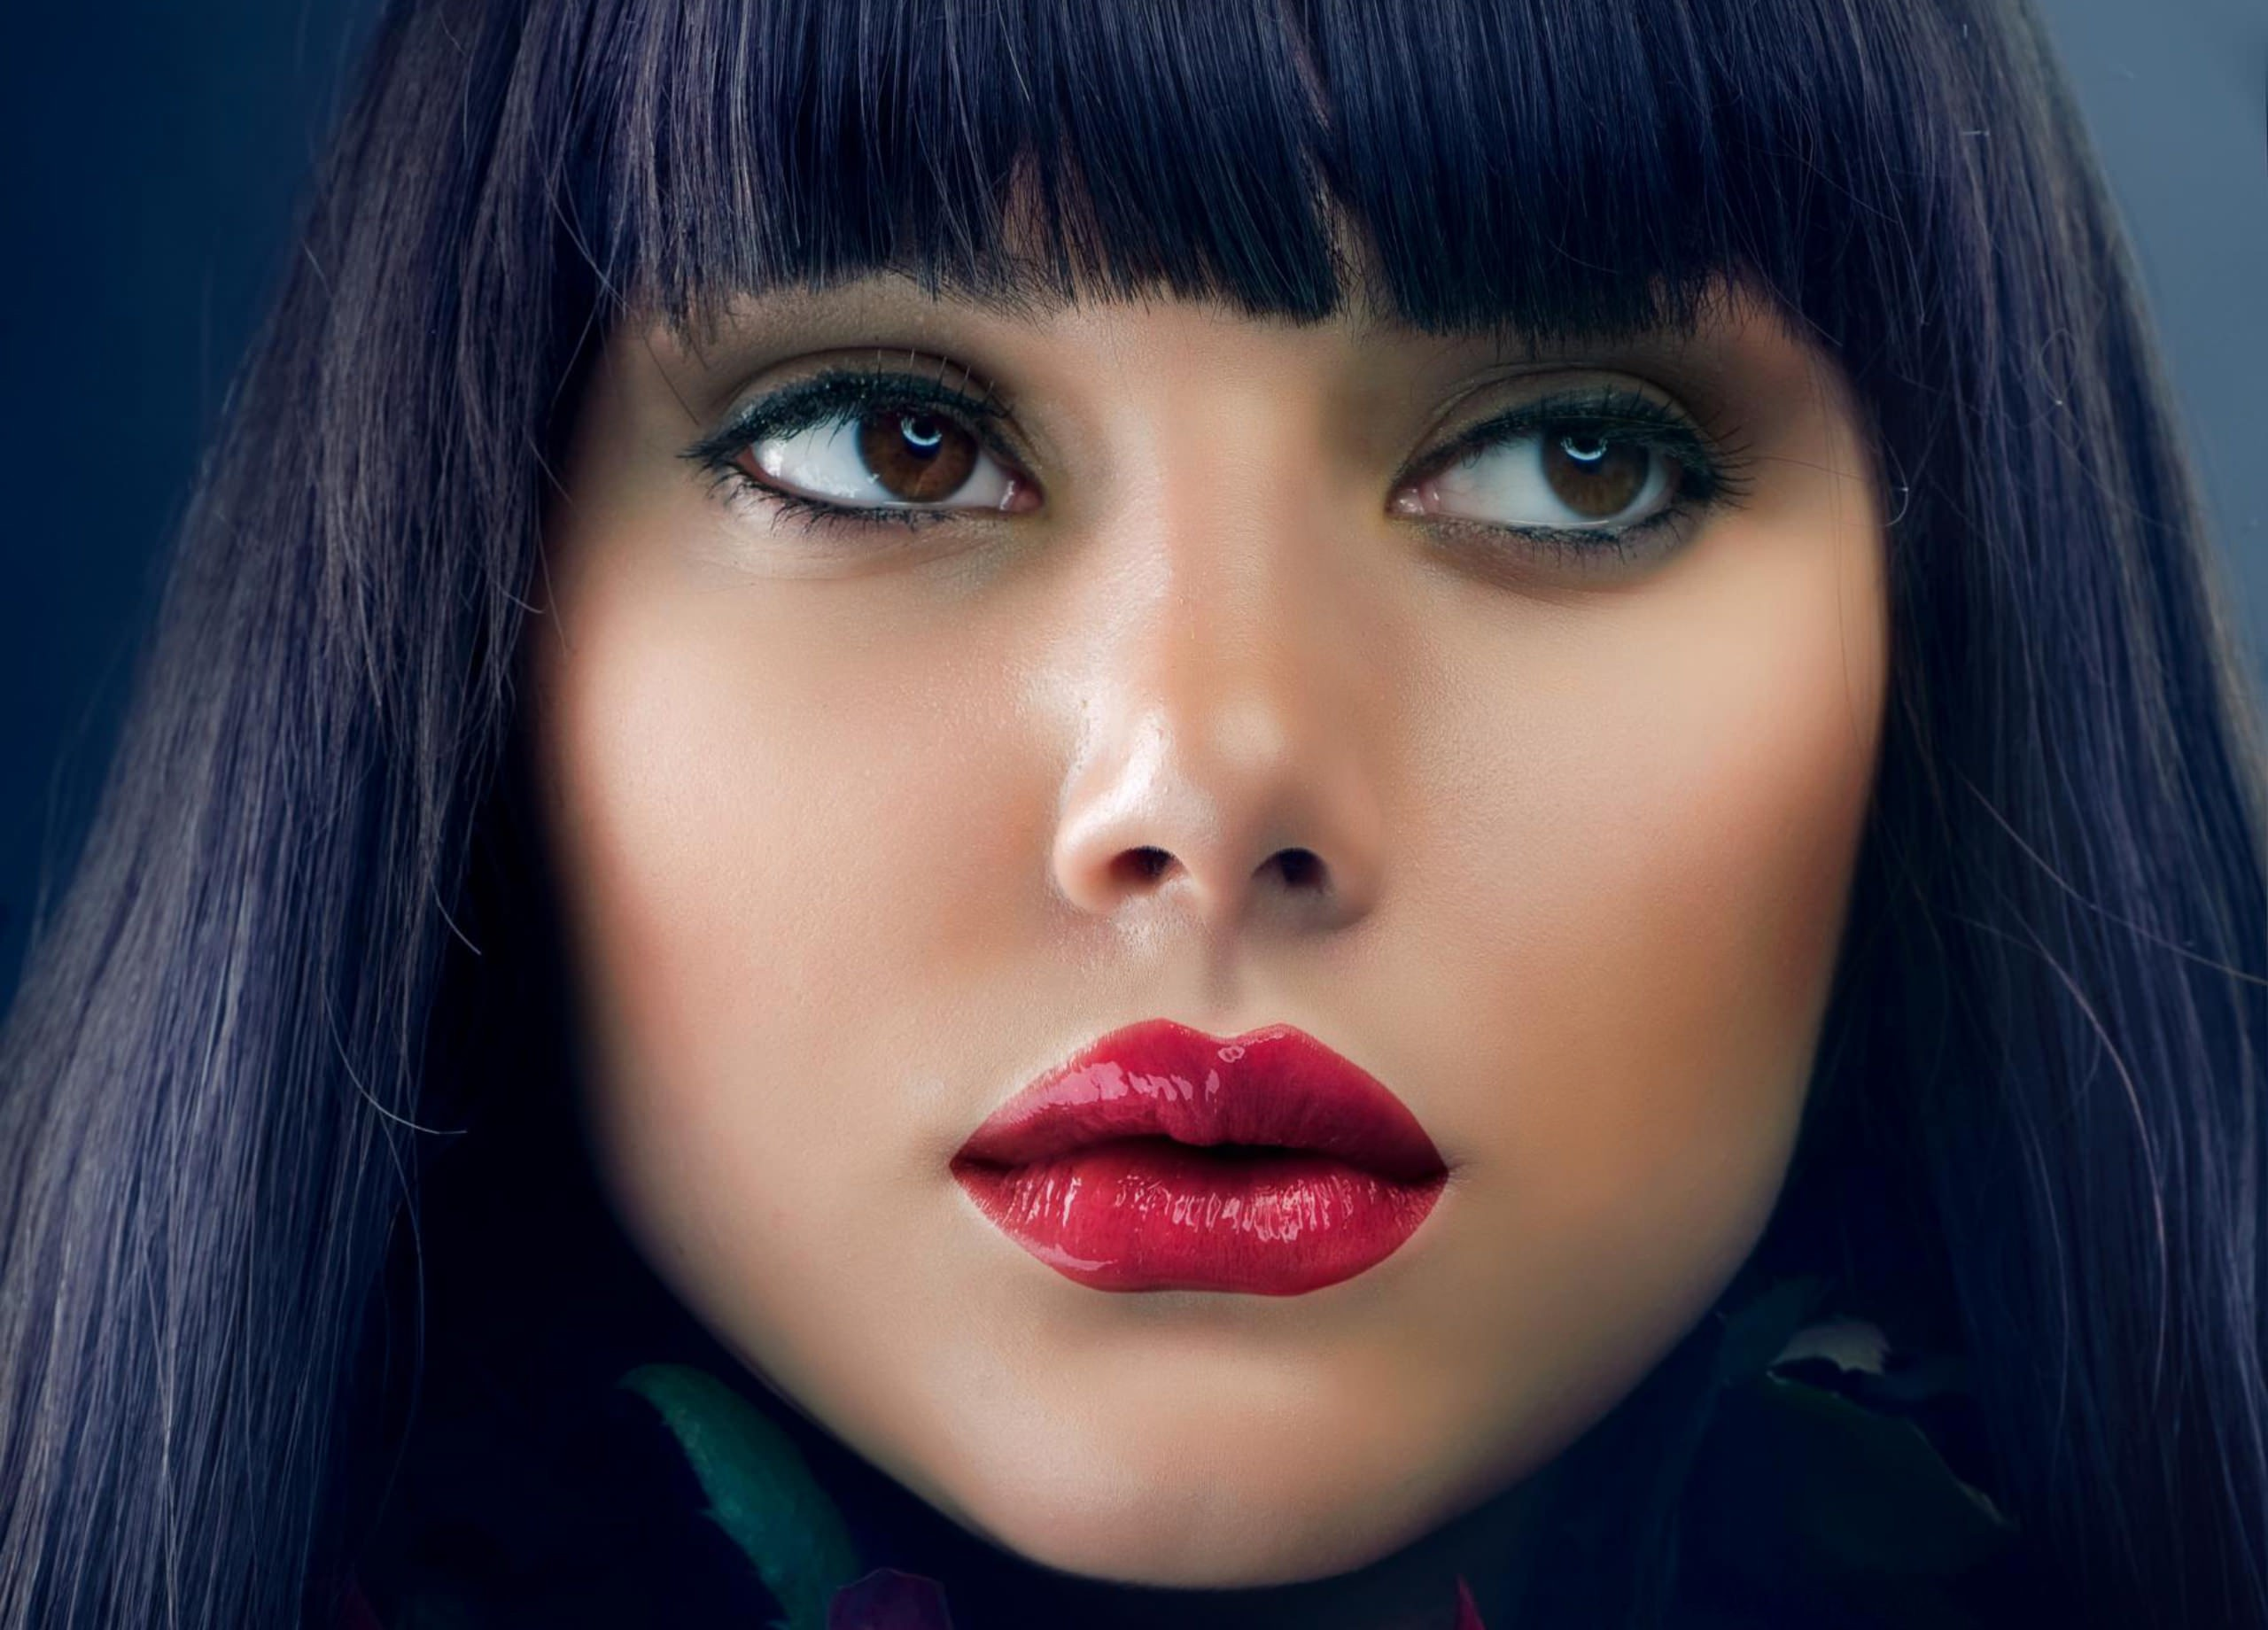 Девушка губы волосы лицо взгляд  № 3590315 загрузить